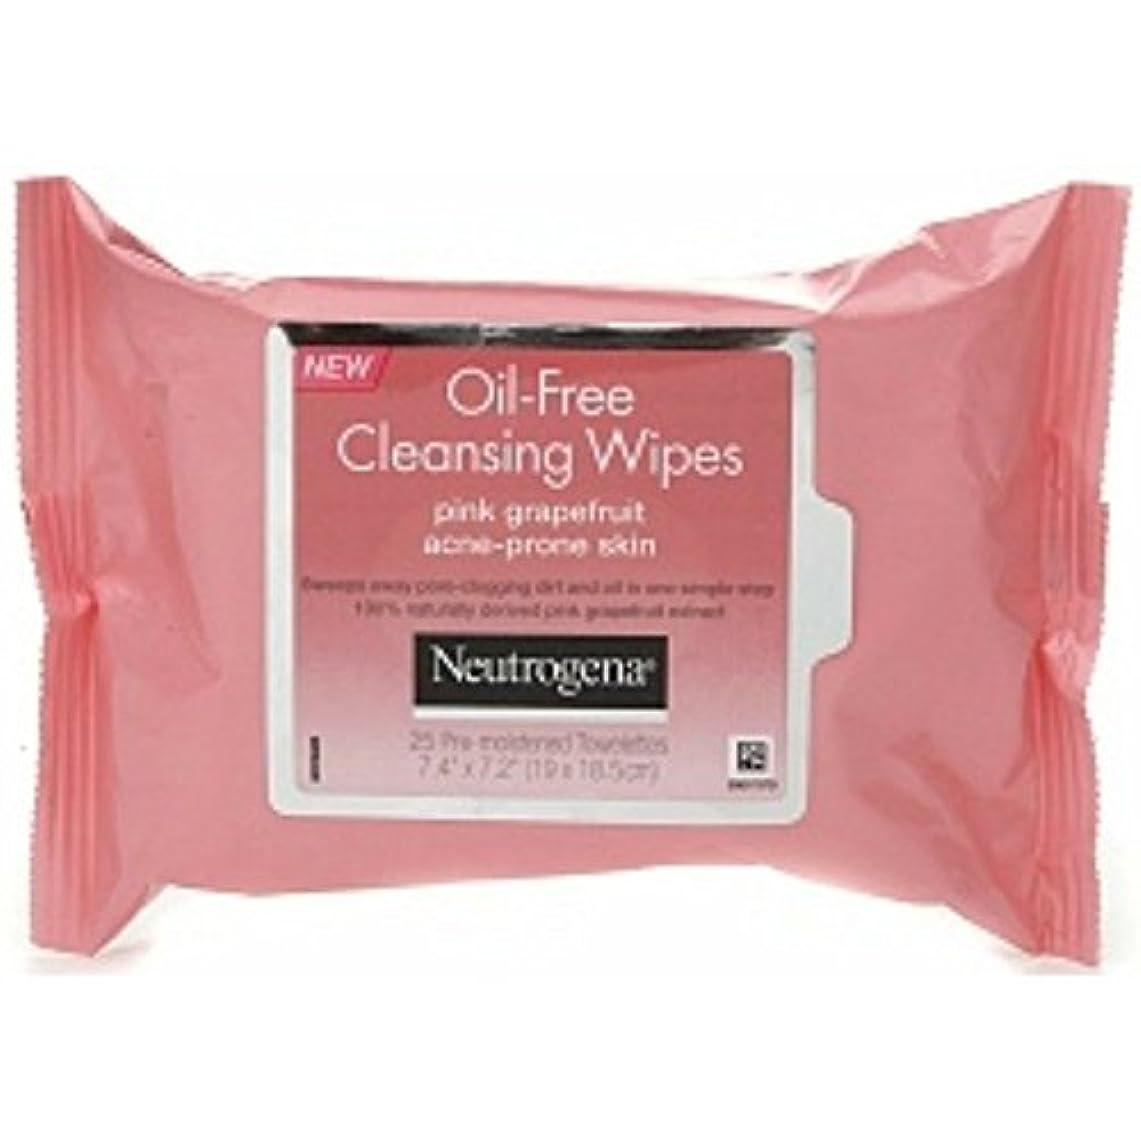 和解するチロフリンジNeutrogena Oil-Free Pink Grapefruit Cleansing Wipes, 25 Pre-moistened Towelettes Count 7.4